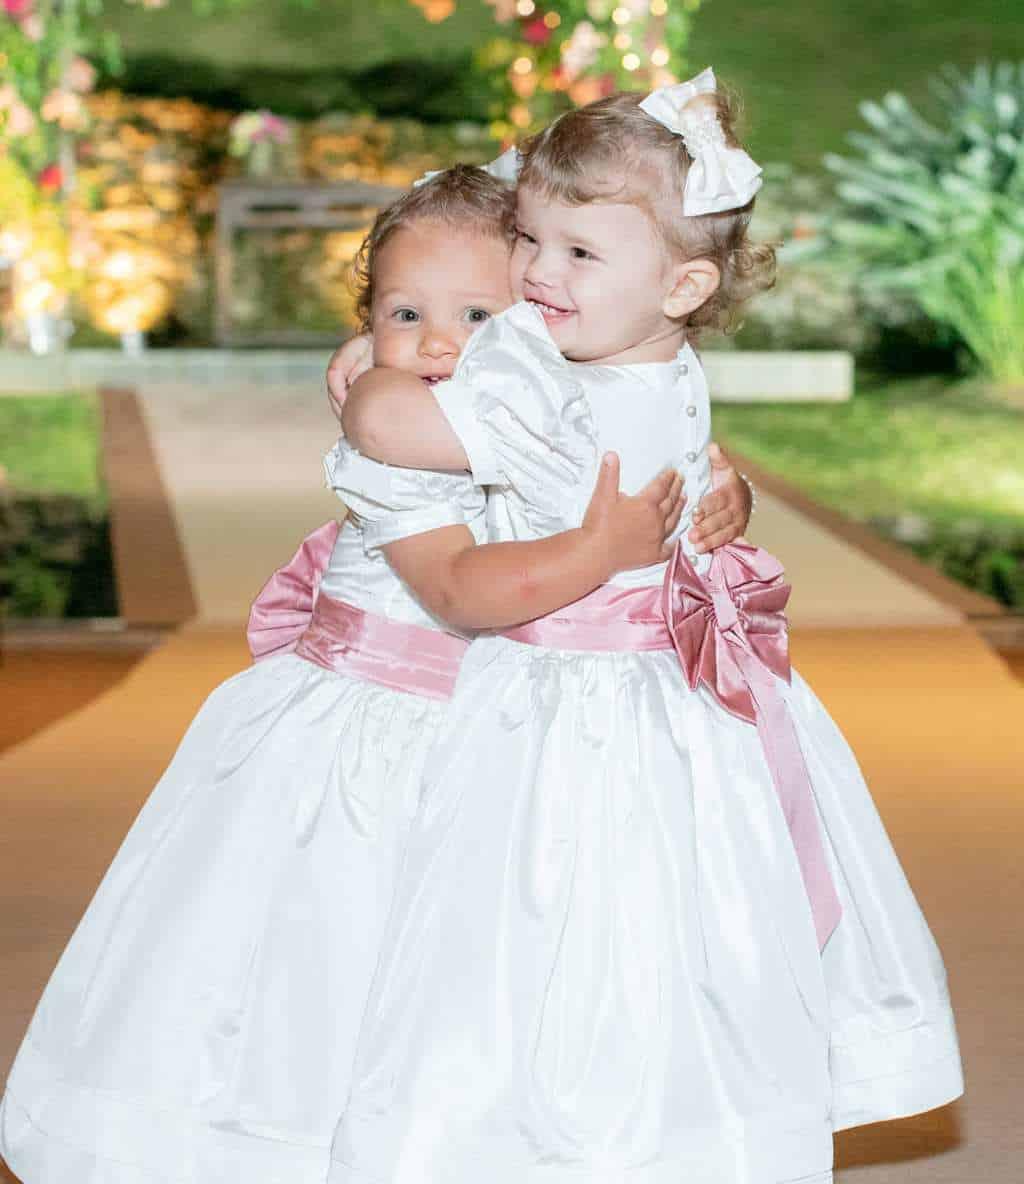 casamento-boho-chic-casamento-Luisa-e-David-daminhas-Fotografia-Rodrigo-Sack-Largo-do-Arruda-Rio-de-Janeiro-vestido-de-daminha-rosa-e-branco-22